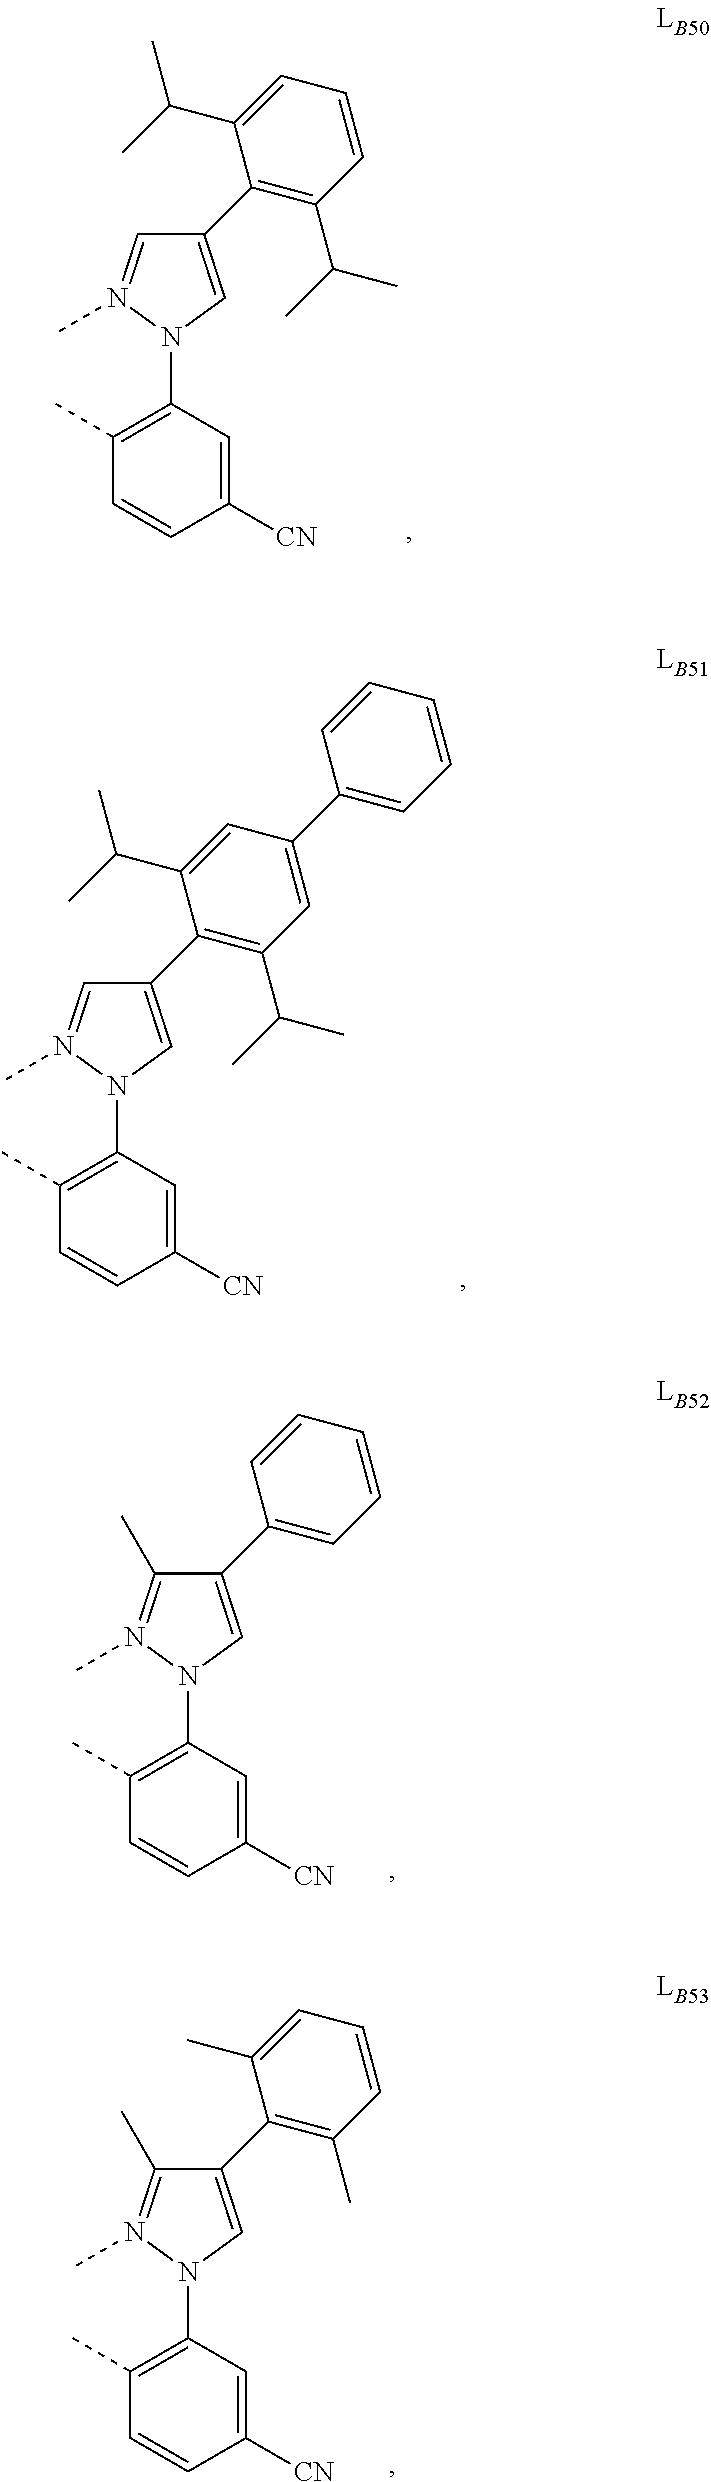 Figure US09905785-20180227-C00568